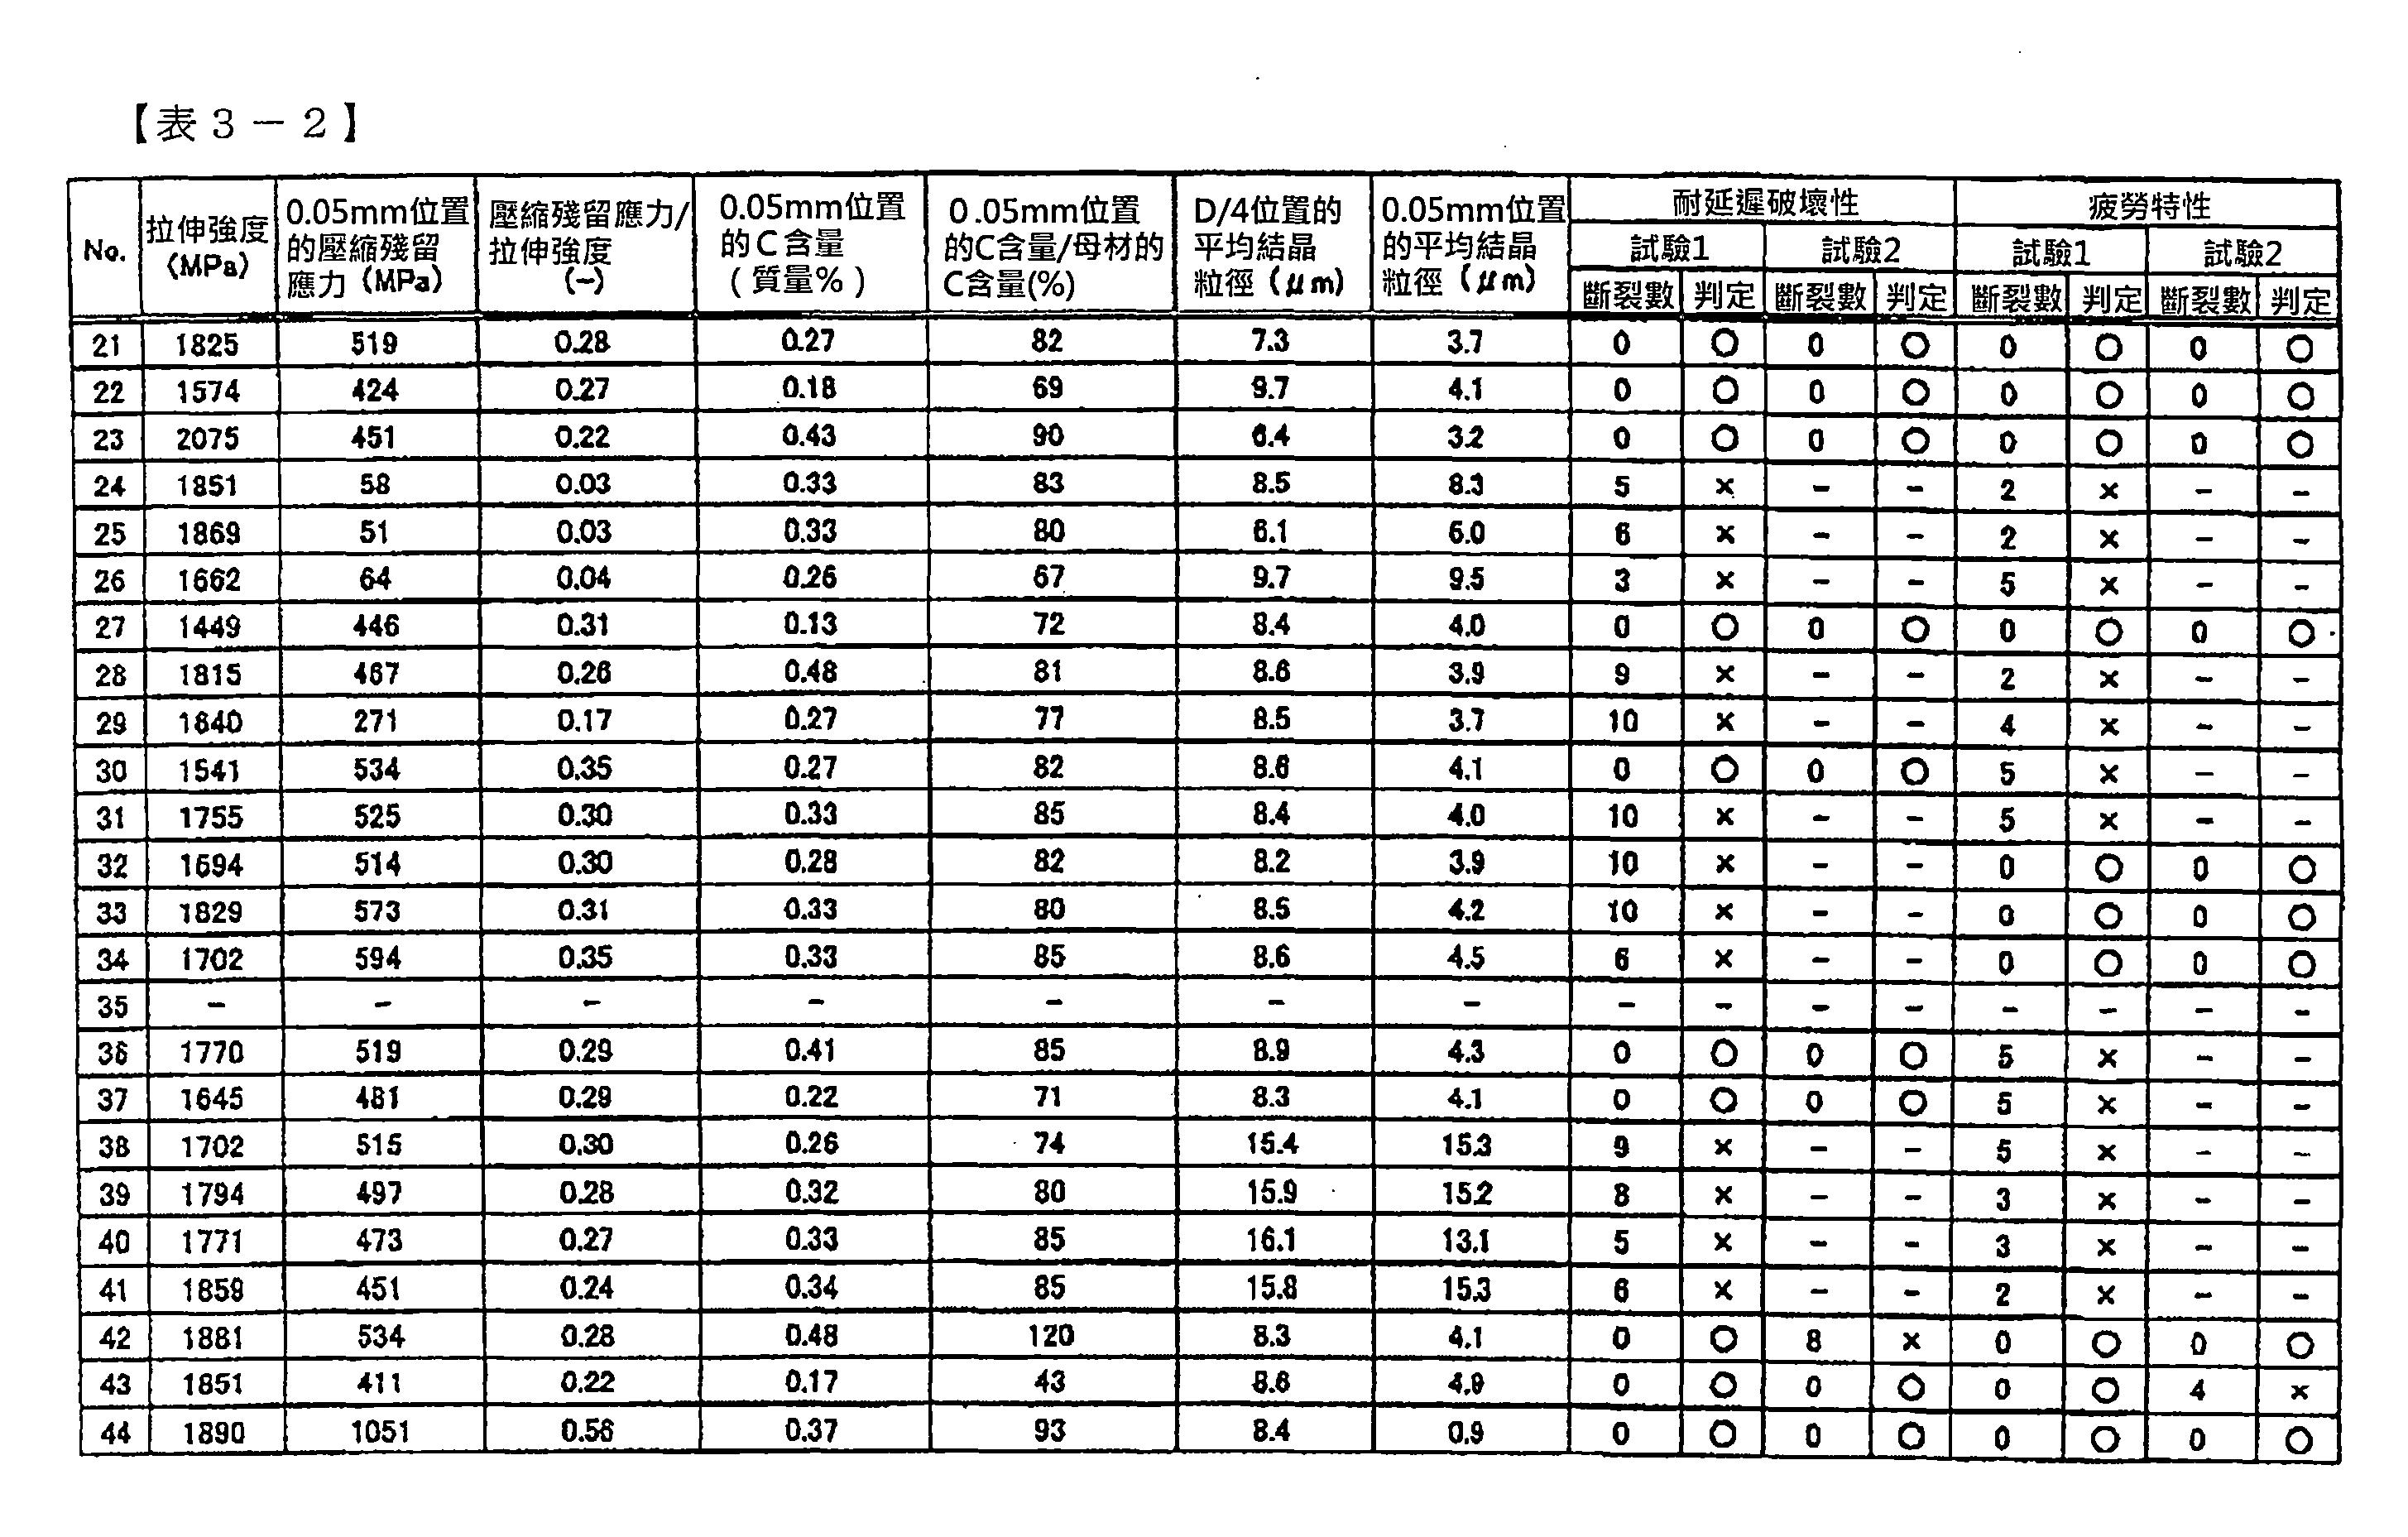 Figure TWI612149BD00007